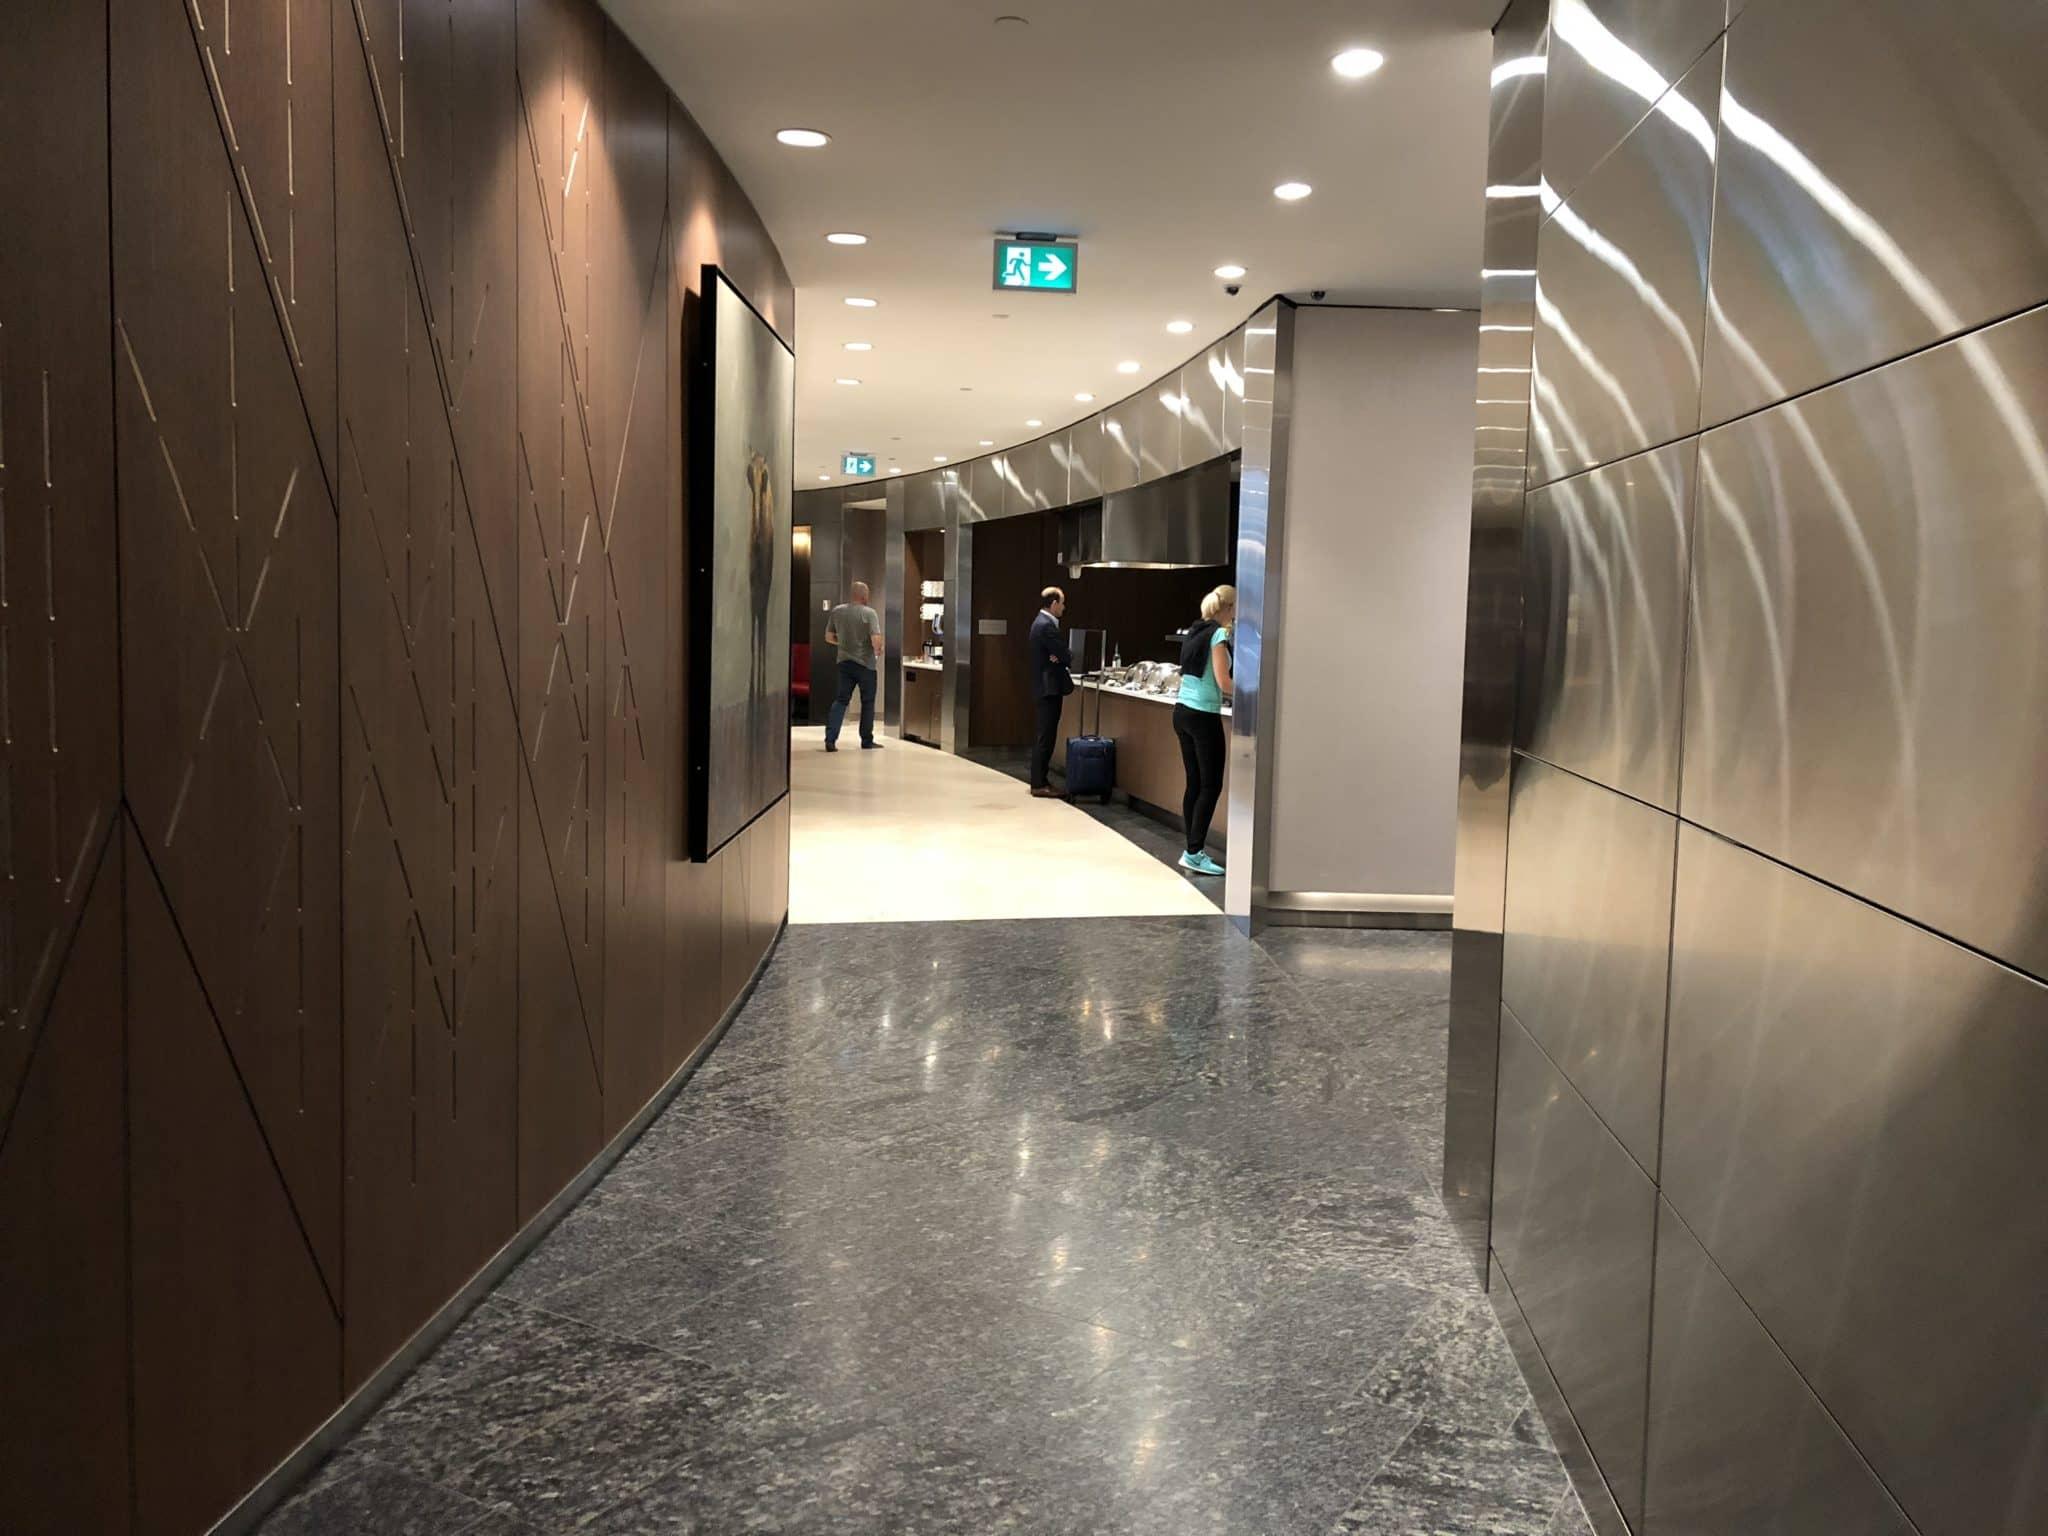 Air Canada Maple Leaf Lounge Calgary Flur nach dem Eingang